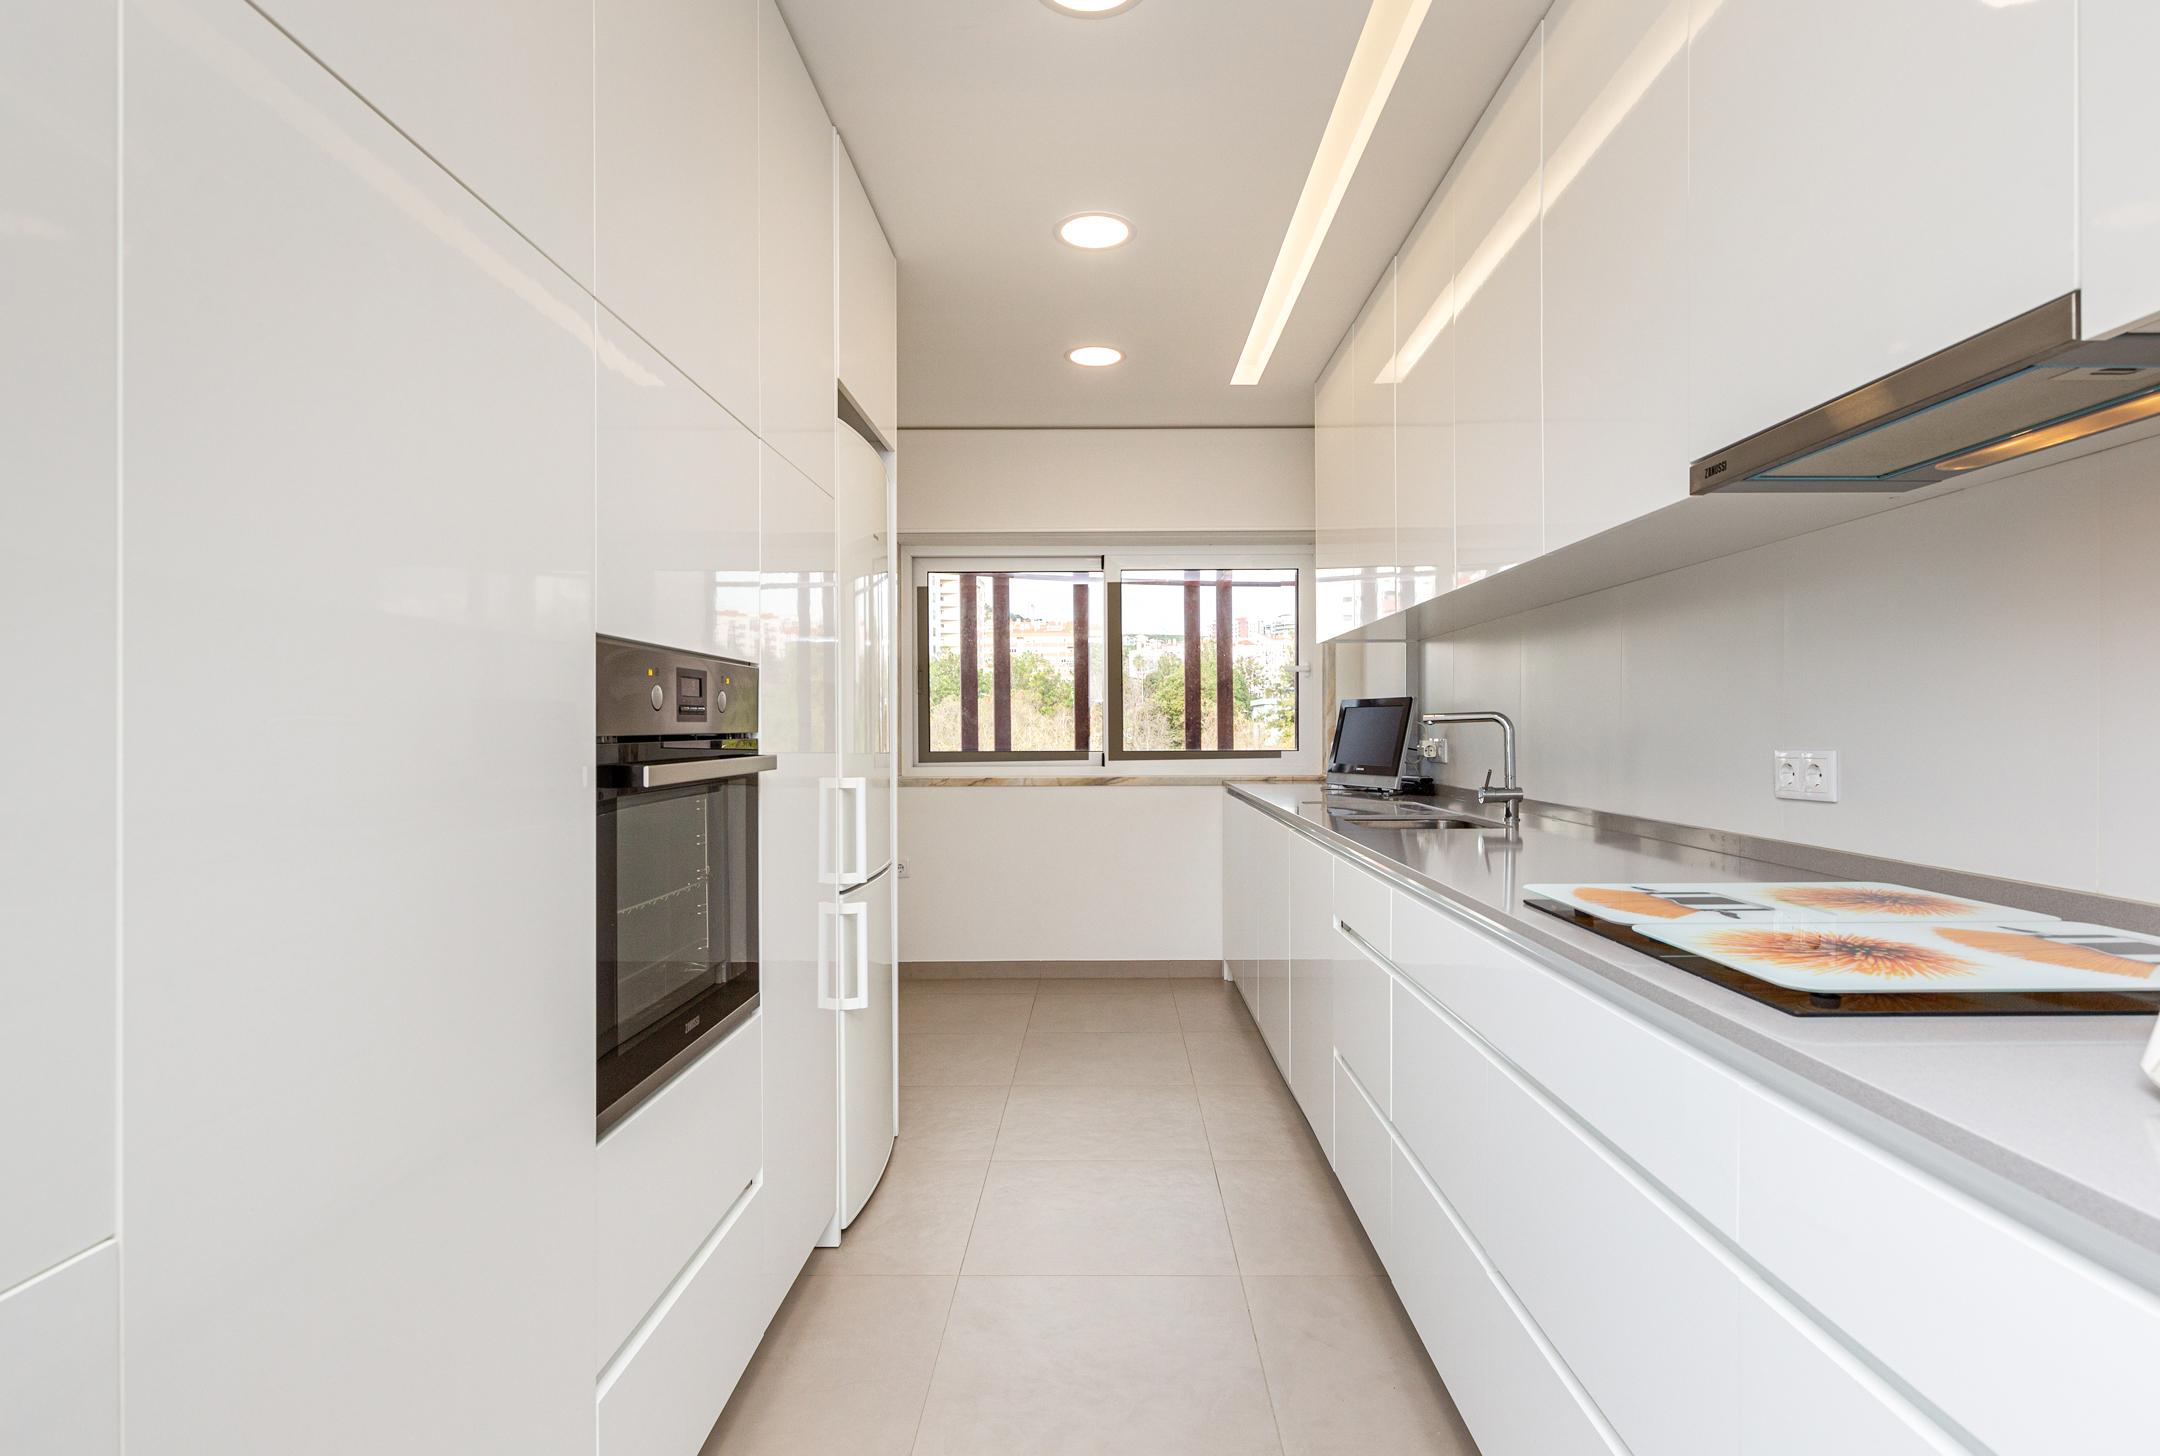 vista de cozinha remodelada em apartamento